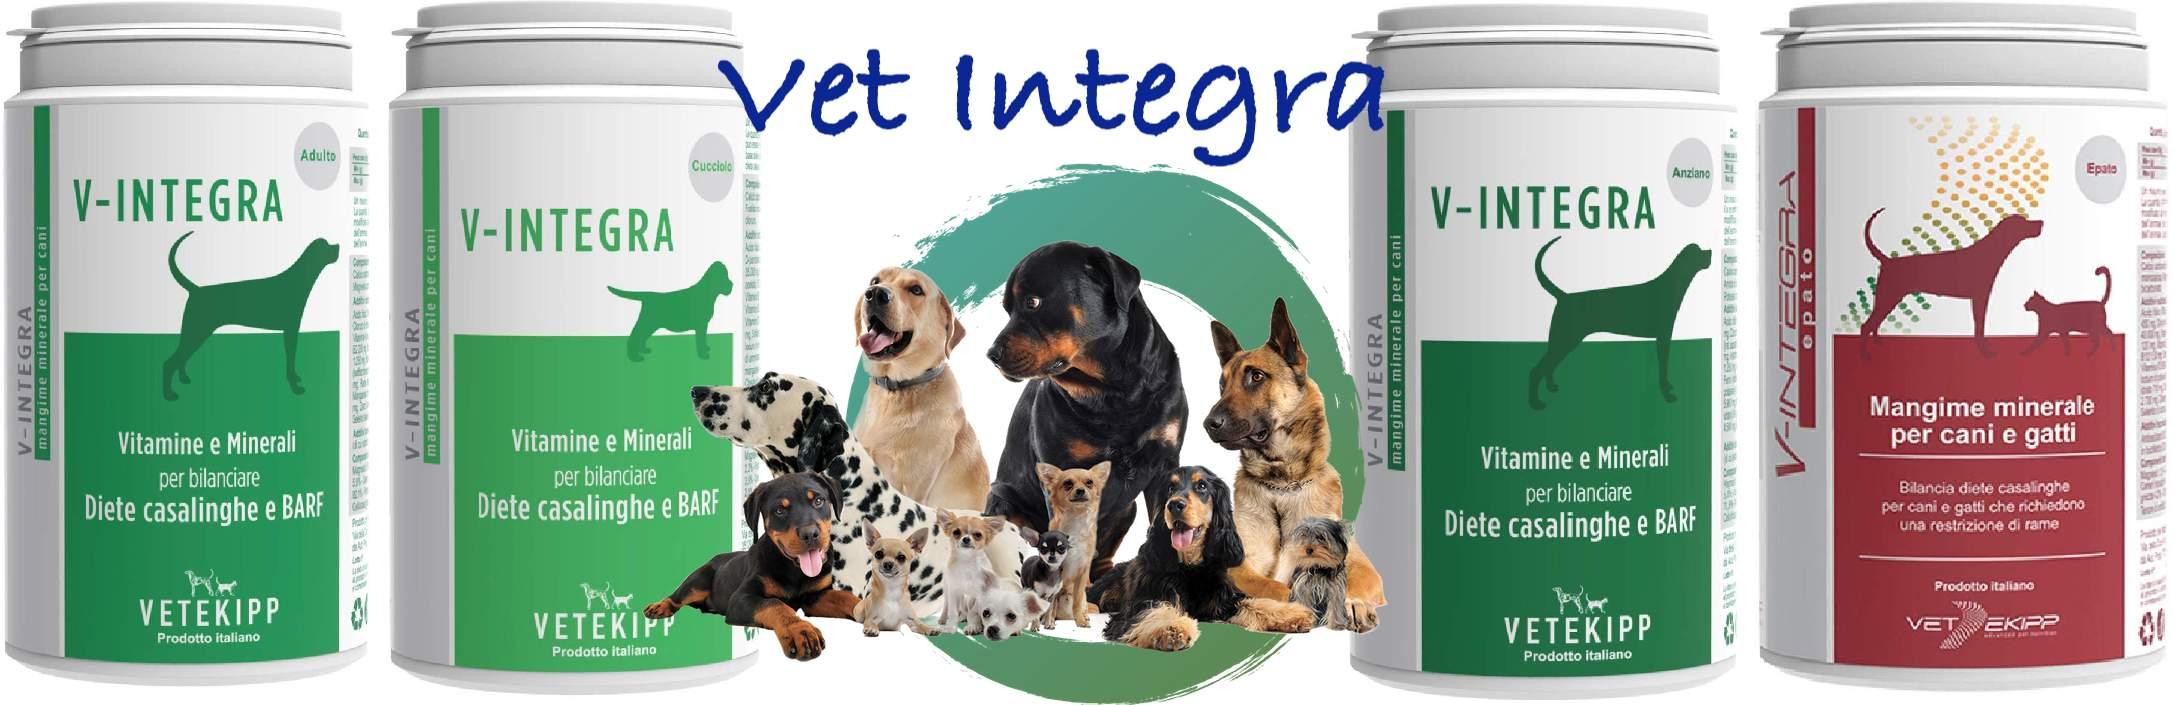 Vet Integra cibo cani recensioni opinione prezzo